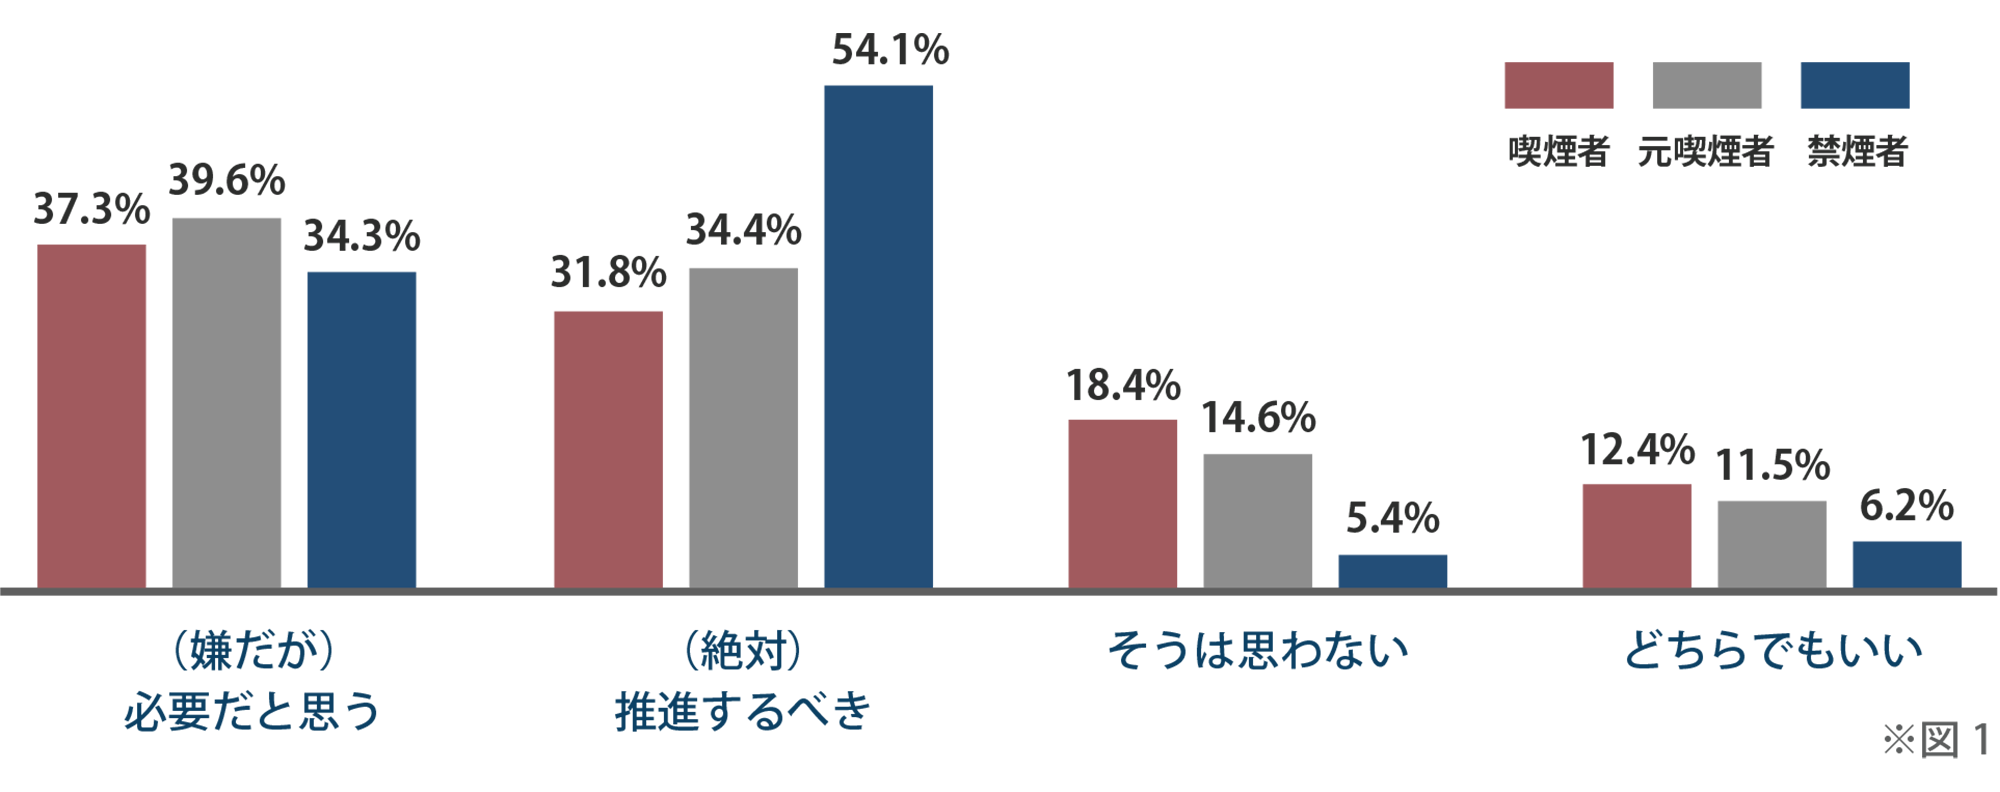 < 調査1> 東京都以外でもこの条例を推進するべきか